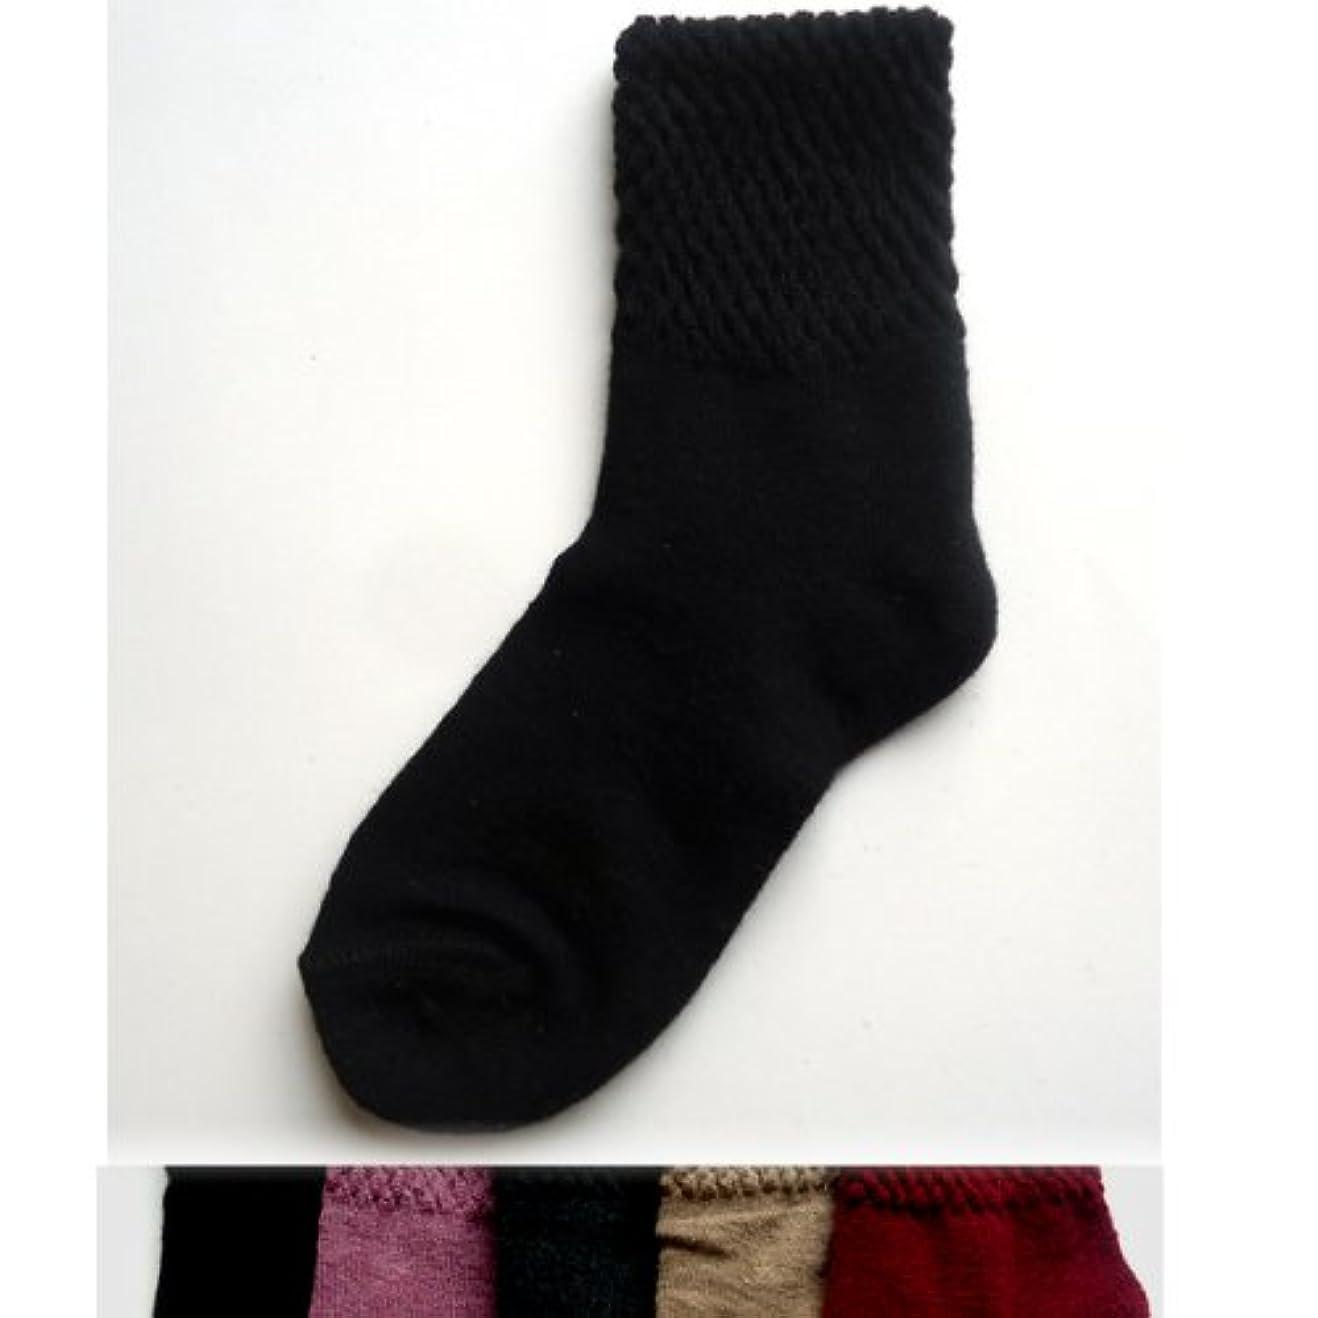 サイクロプス拒否話をする靴下 あったか シルク混 二重編みパイナップルソックス 厚手 22~24cm お買得4足組(色はお任せ)